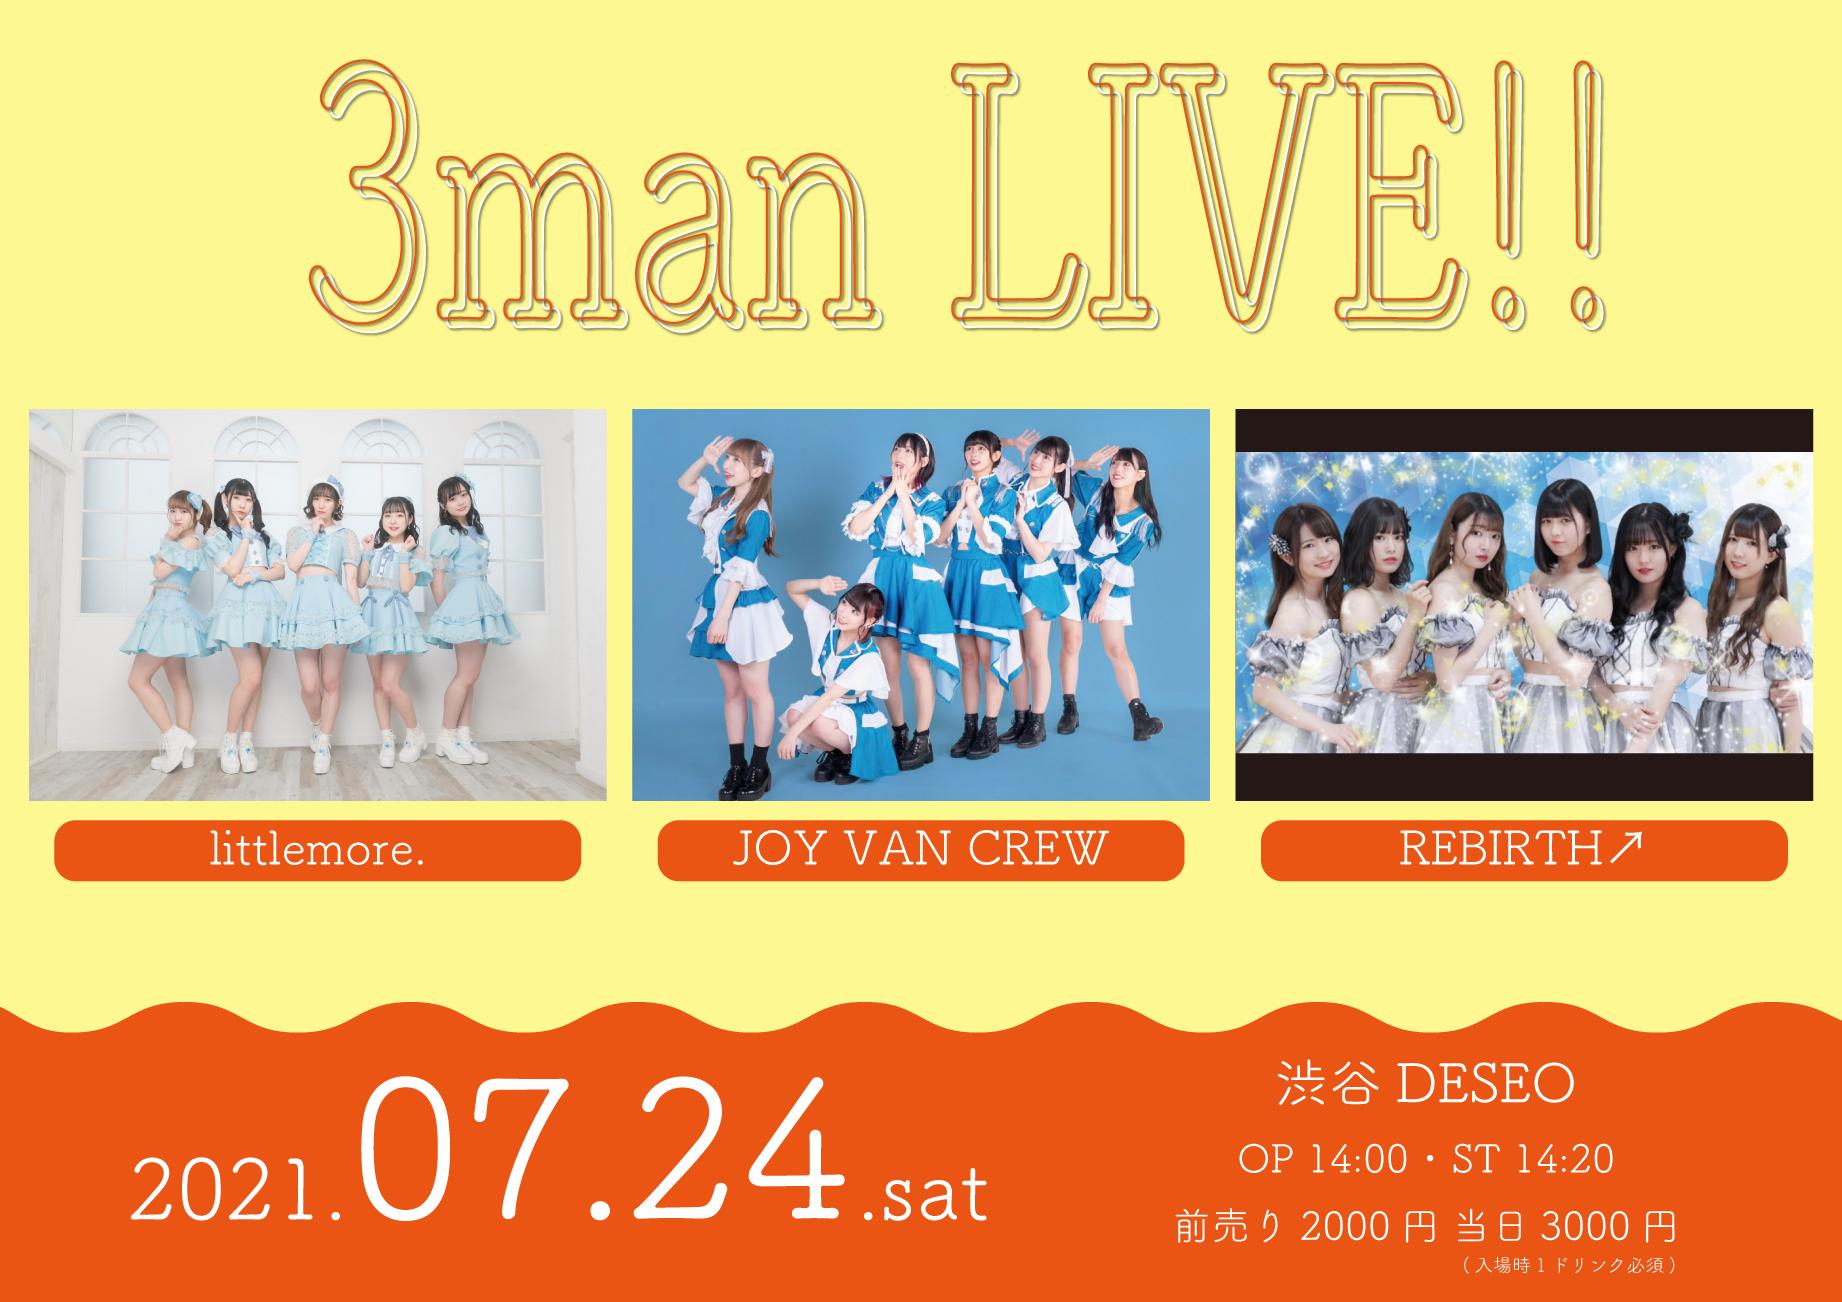 7/24(土) littlemore. × JOY VAN CREW × REBIRTH↗ 3man LIVE!!